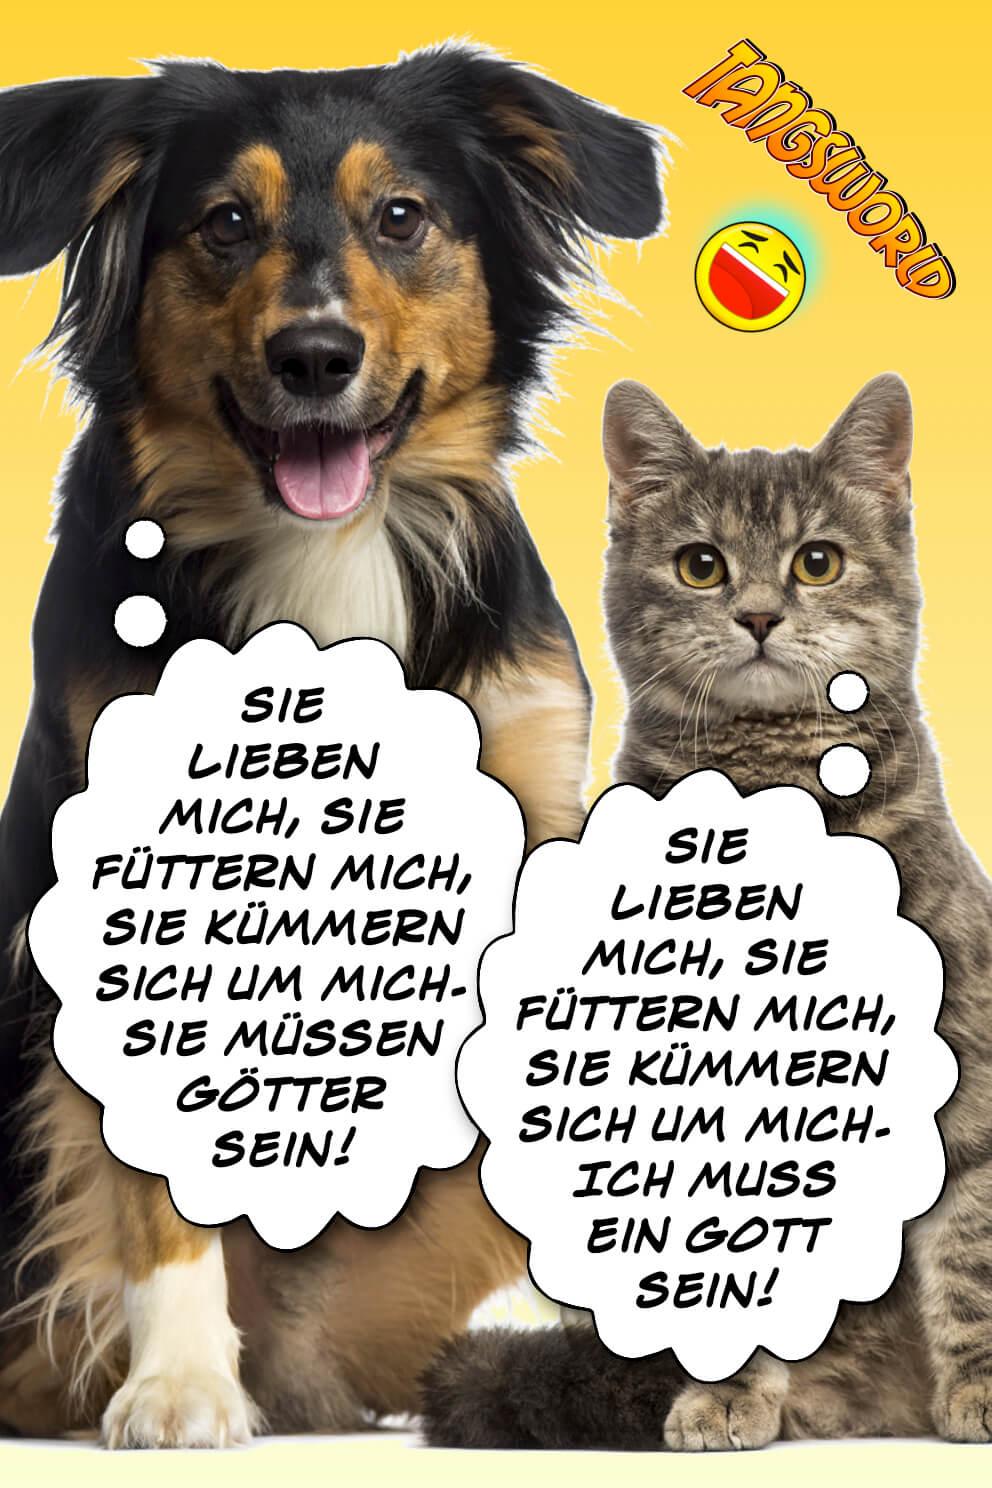 """Der Hund denkt: """"Sie lieben mich, sie füttern mich, sie kümmern sich um mich - sie müssen Götter sein!"""" Die Katze denkt: """"Sie lieben mich, sie füttern mich, sie kümmern sich um mich - Ich muss ein Gott sein!"""" - Geistes(bl)witze"""